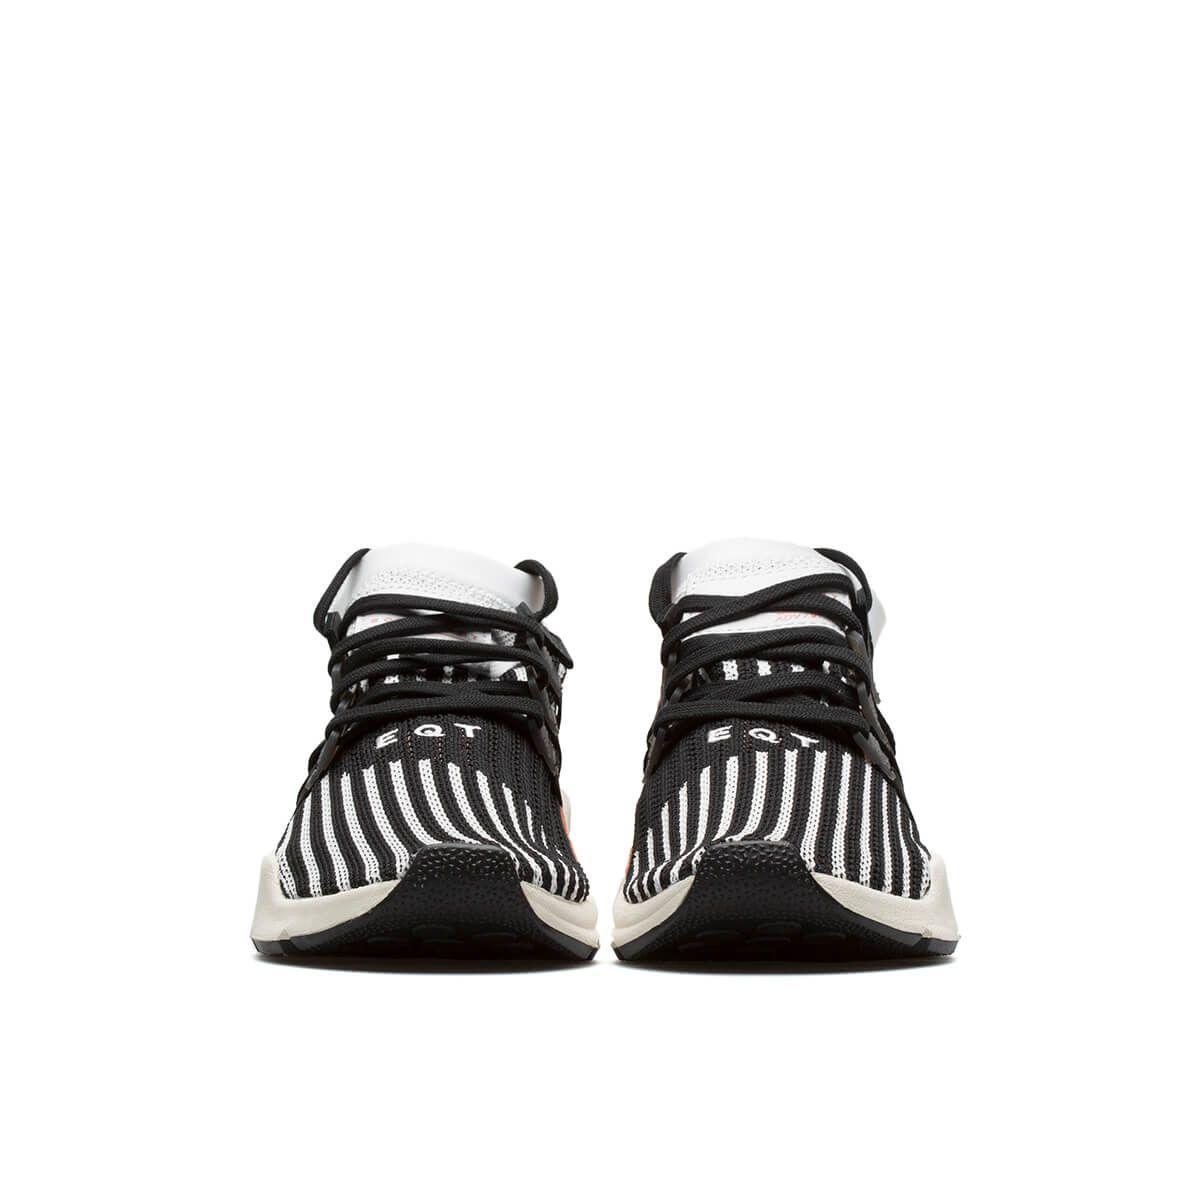 separation shoes fa15d 1956e ... Adidas Originals Eqt Support Mid Adv Pk - Multicolor ...